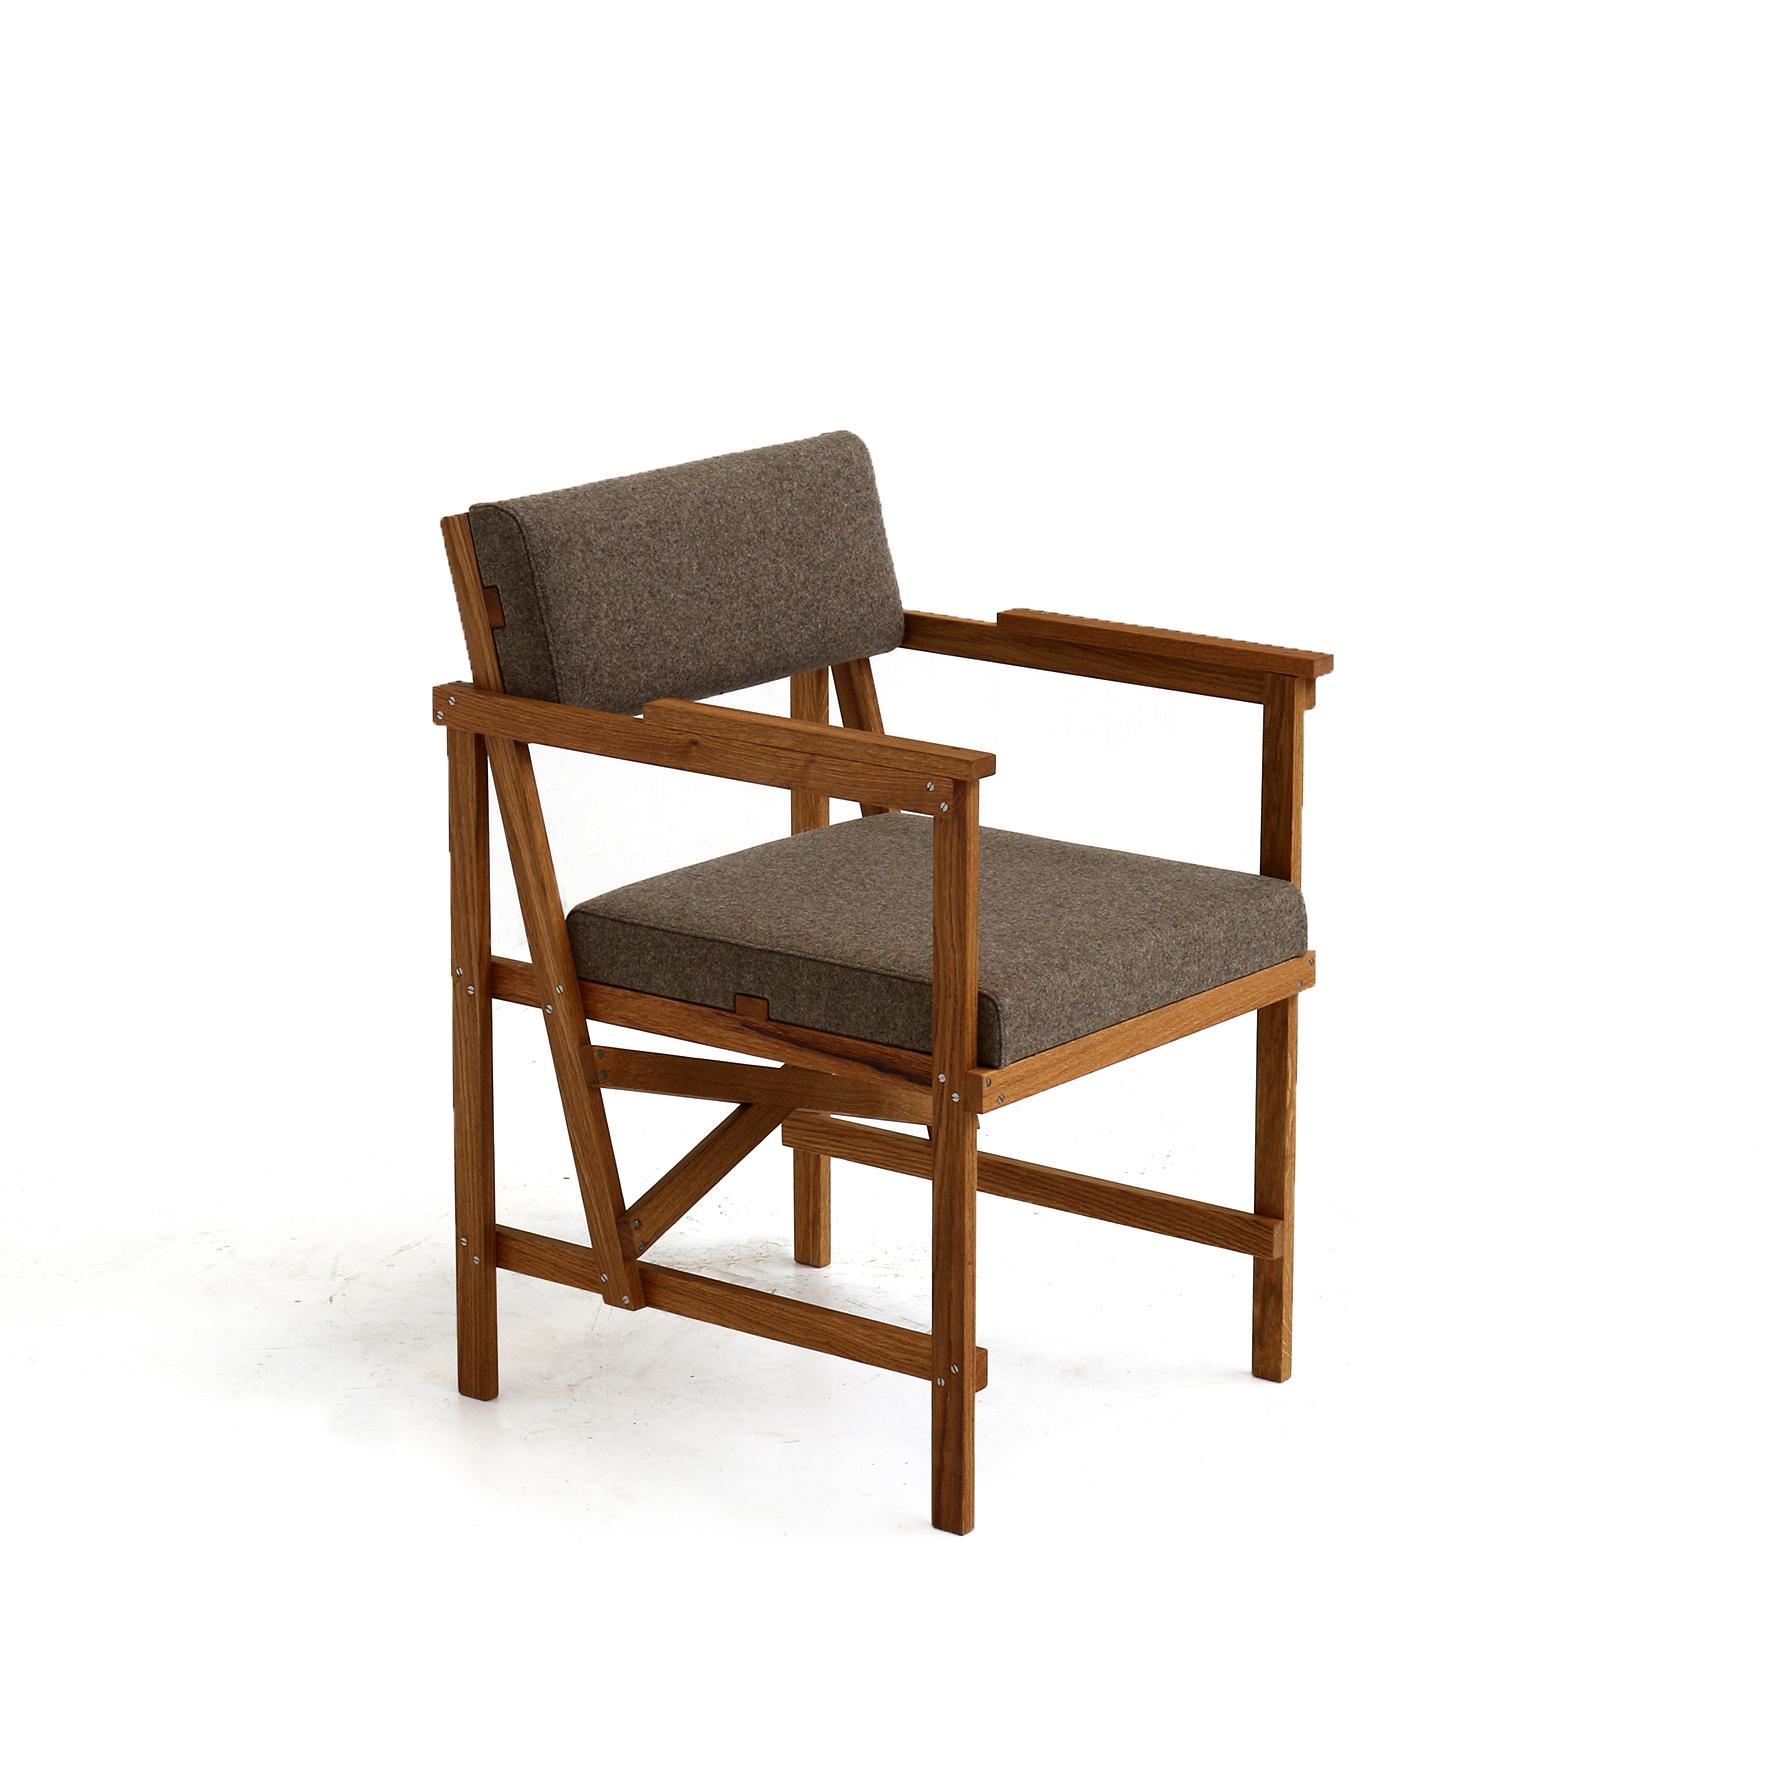 Eetkamerstoel Piet Hein Eek.As Thick As Wide Chair